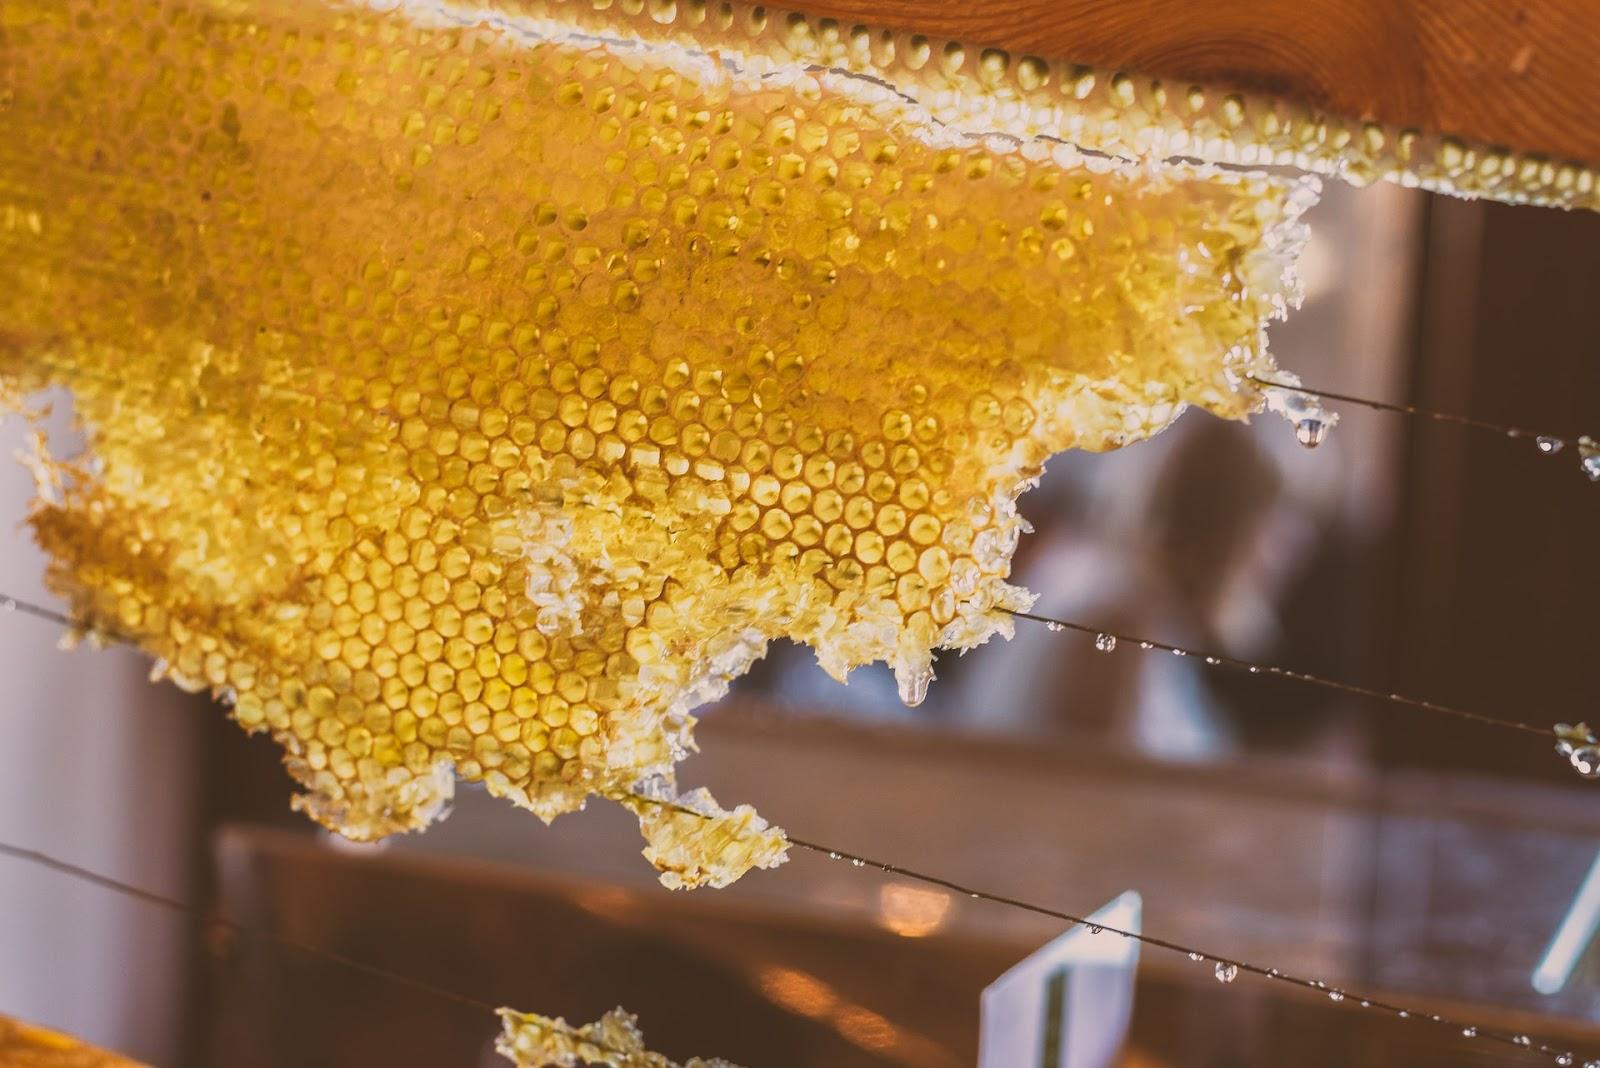 Kann Honig schlecht werden?